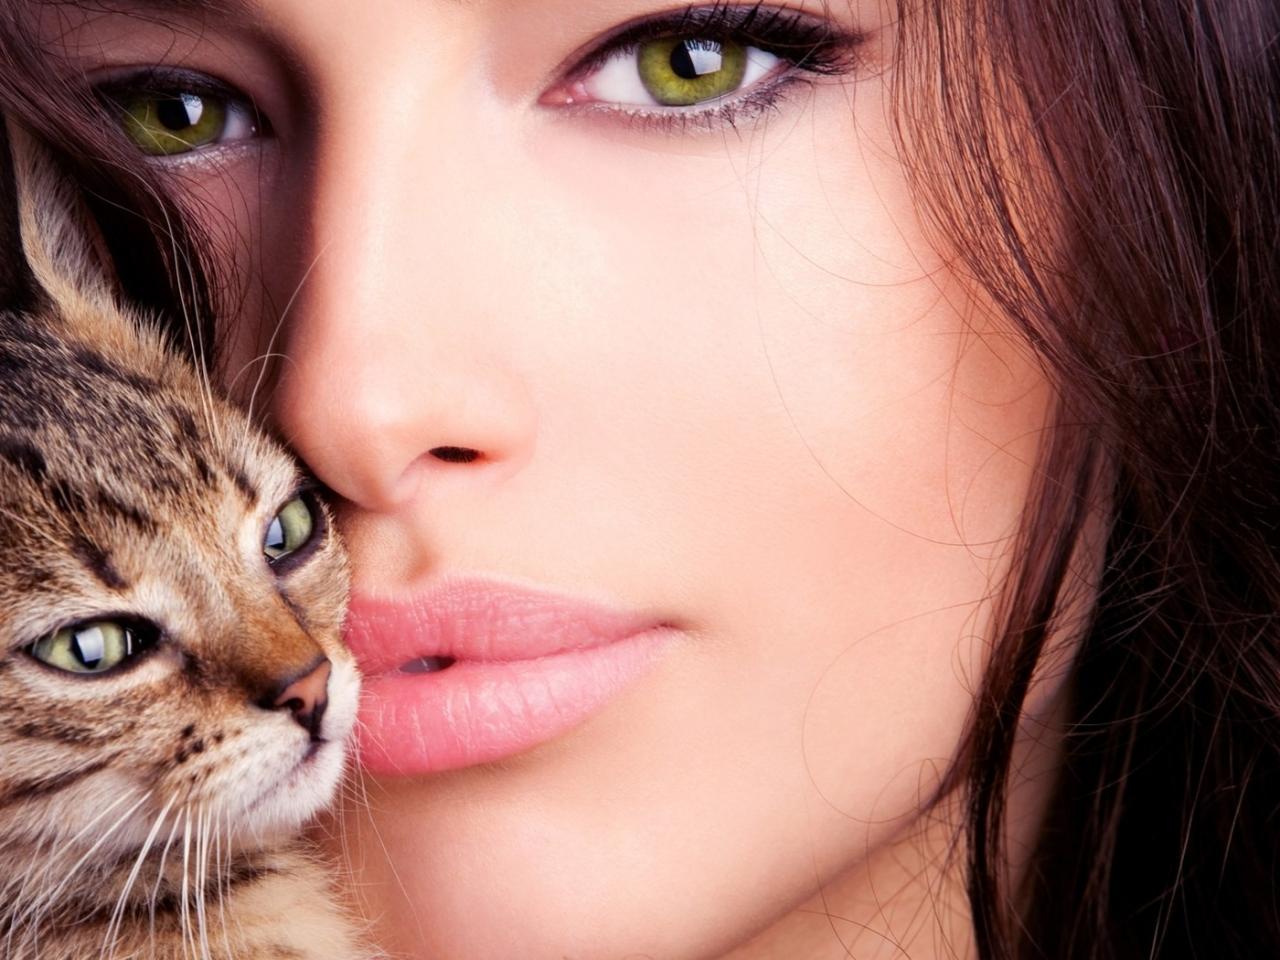 Una mujer bella y un gato - 1280x960